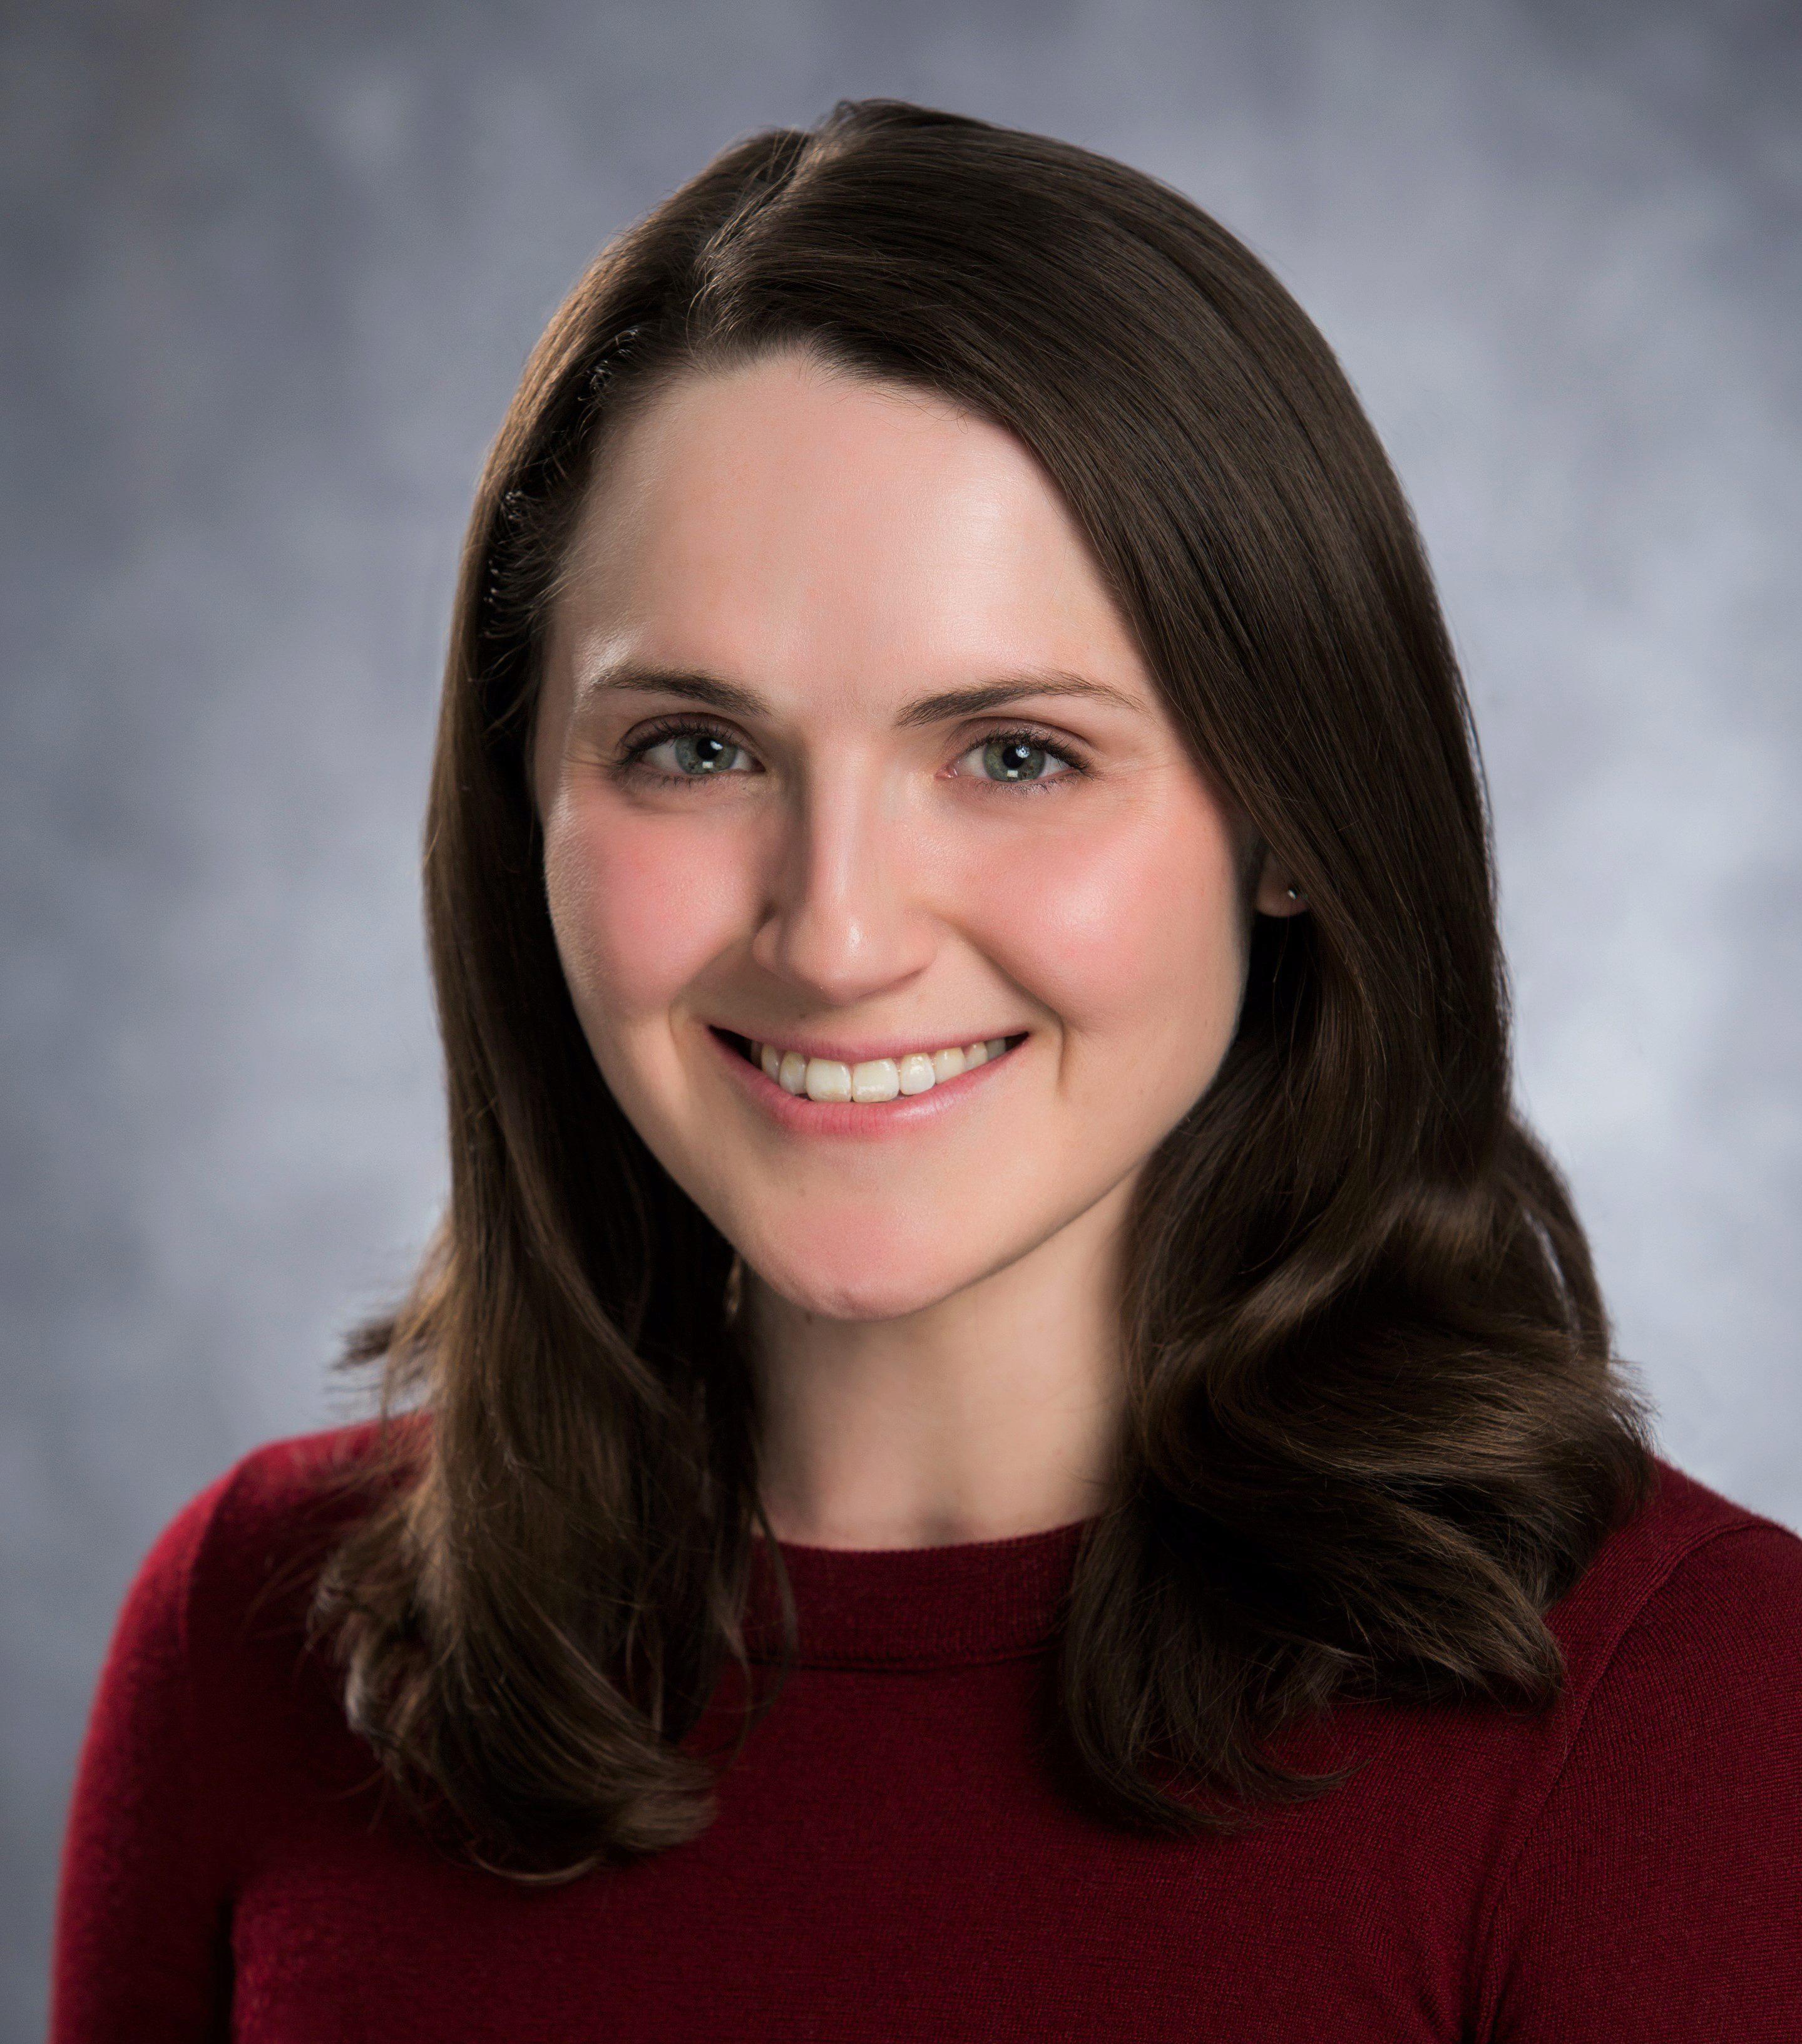 Allison Briggs